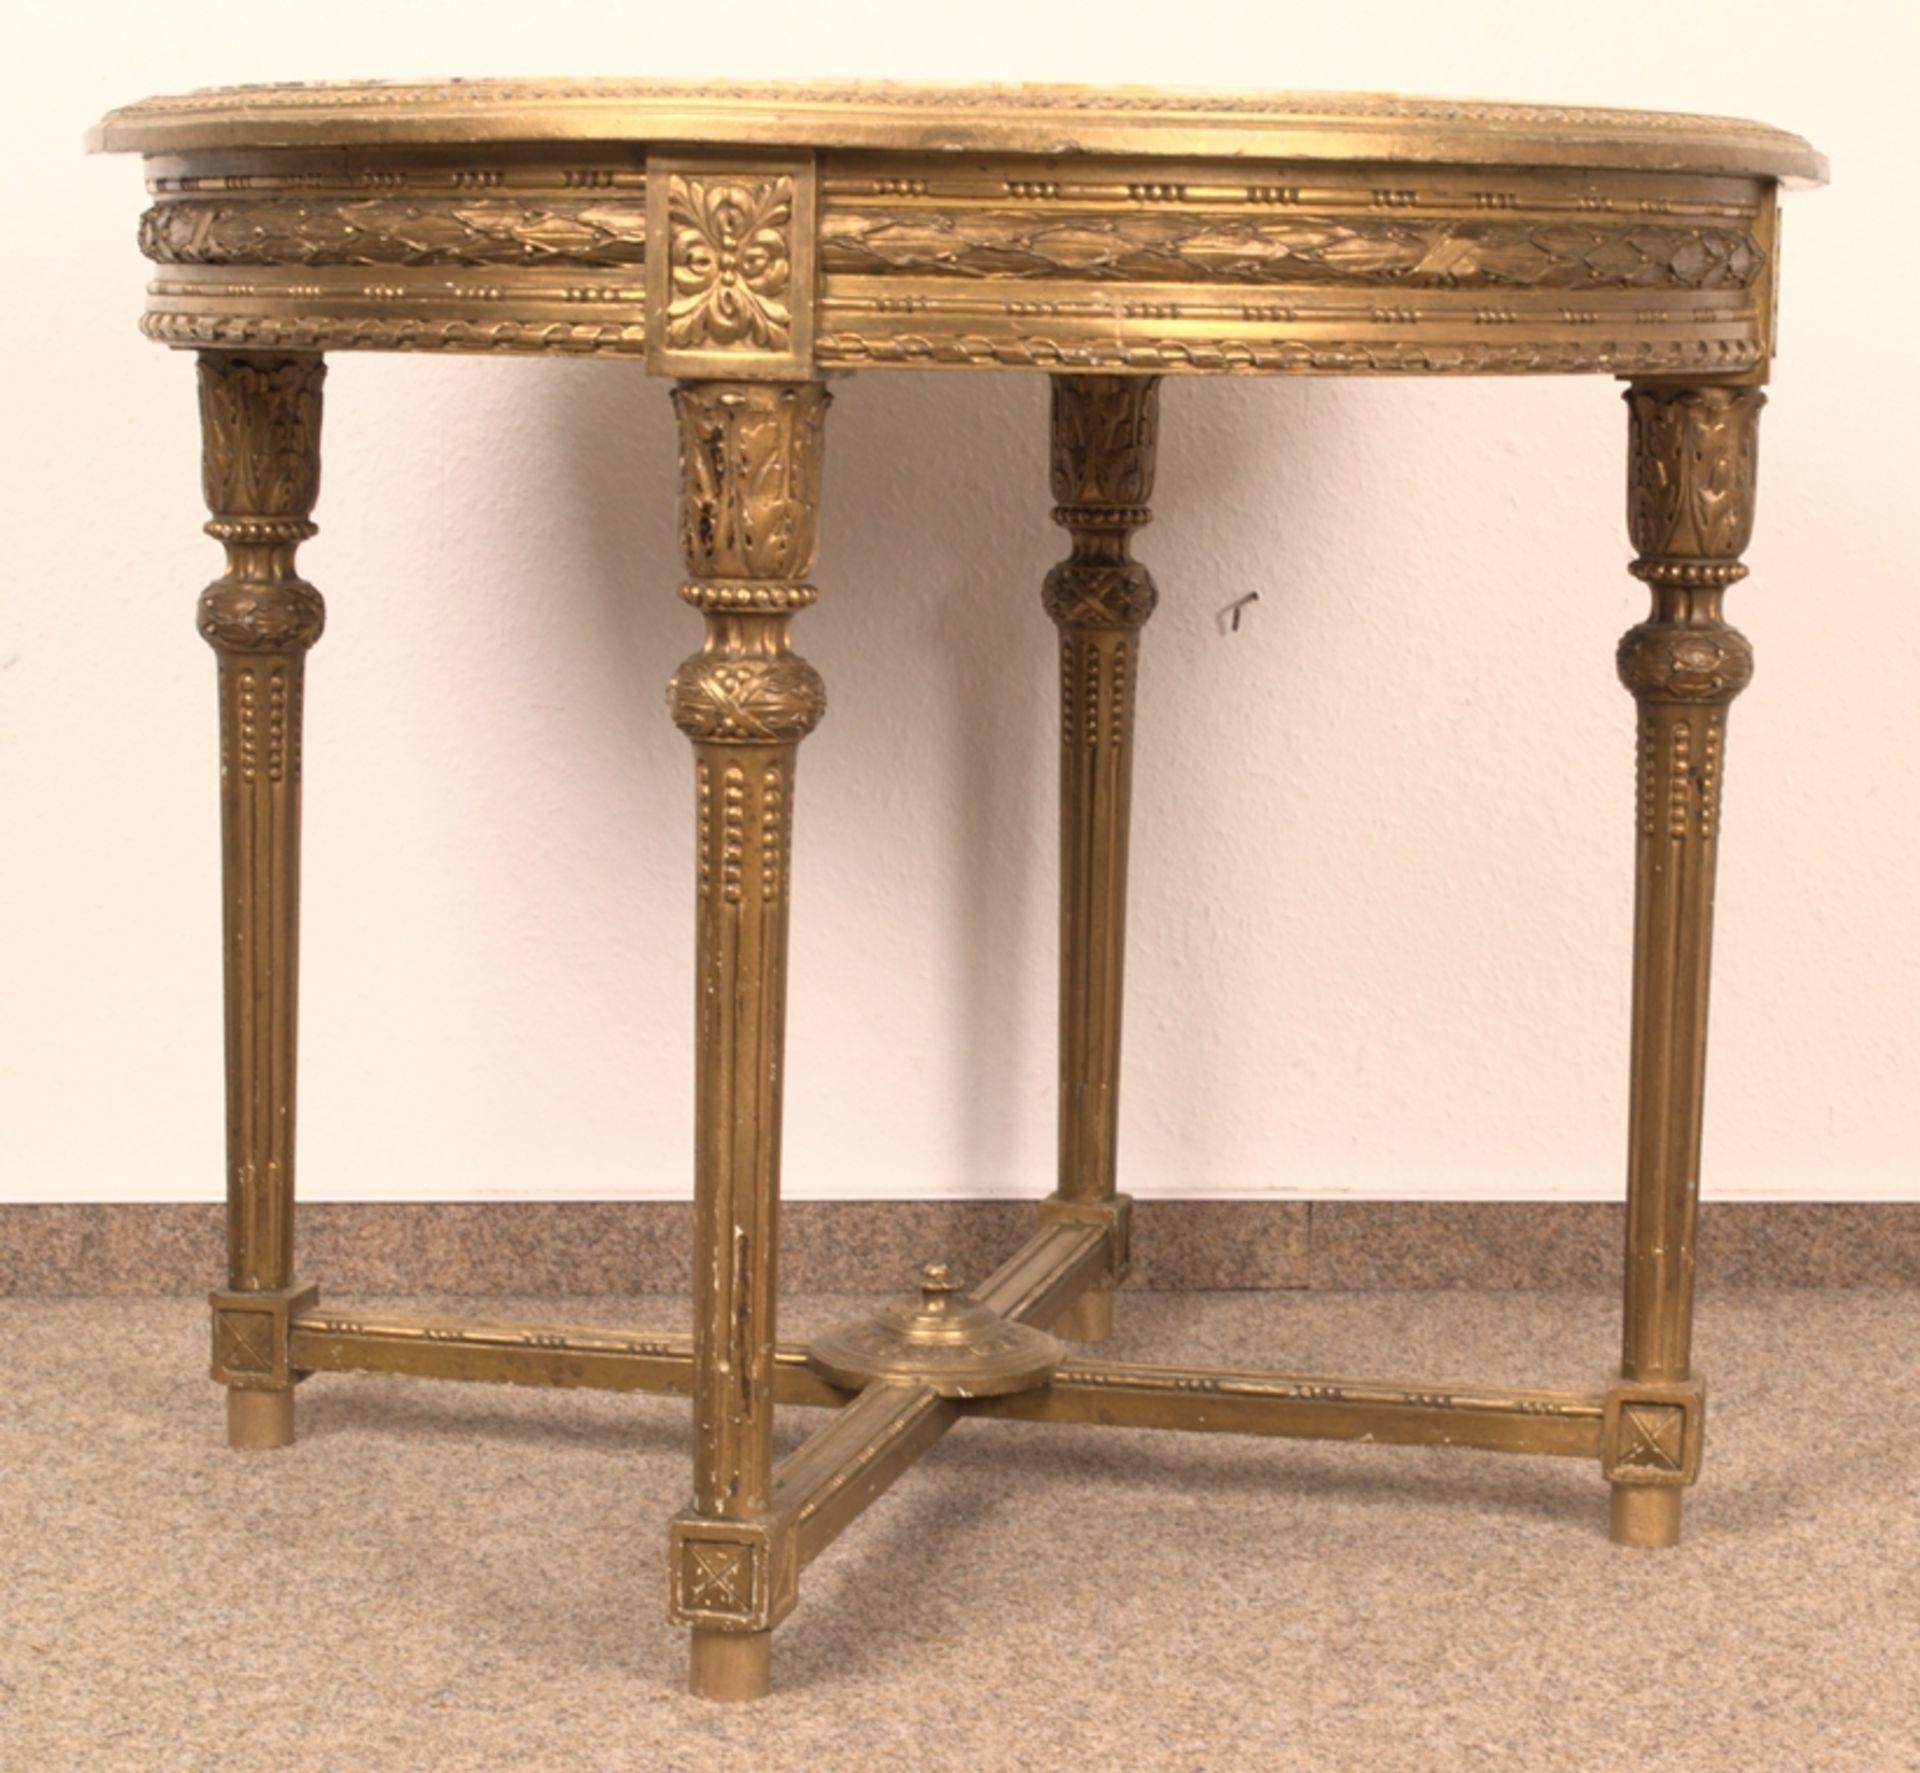 Runder Salontisch, Louis XVI-Stil, Frankreich um 1890. Aufwändig beschnitztes, kanneliertes